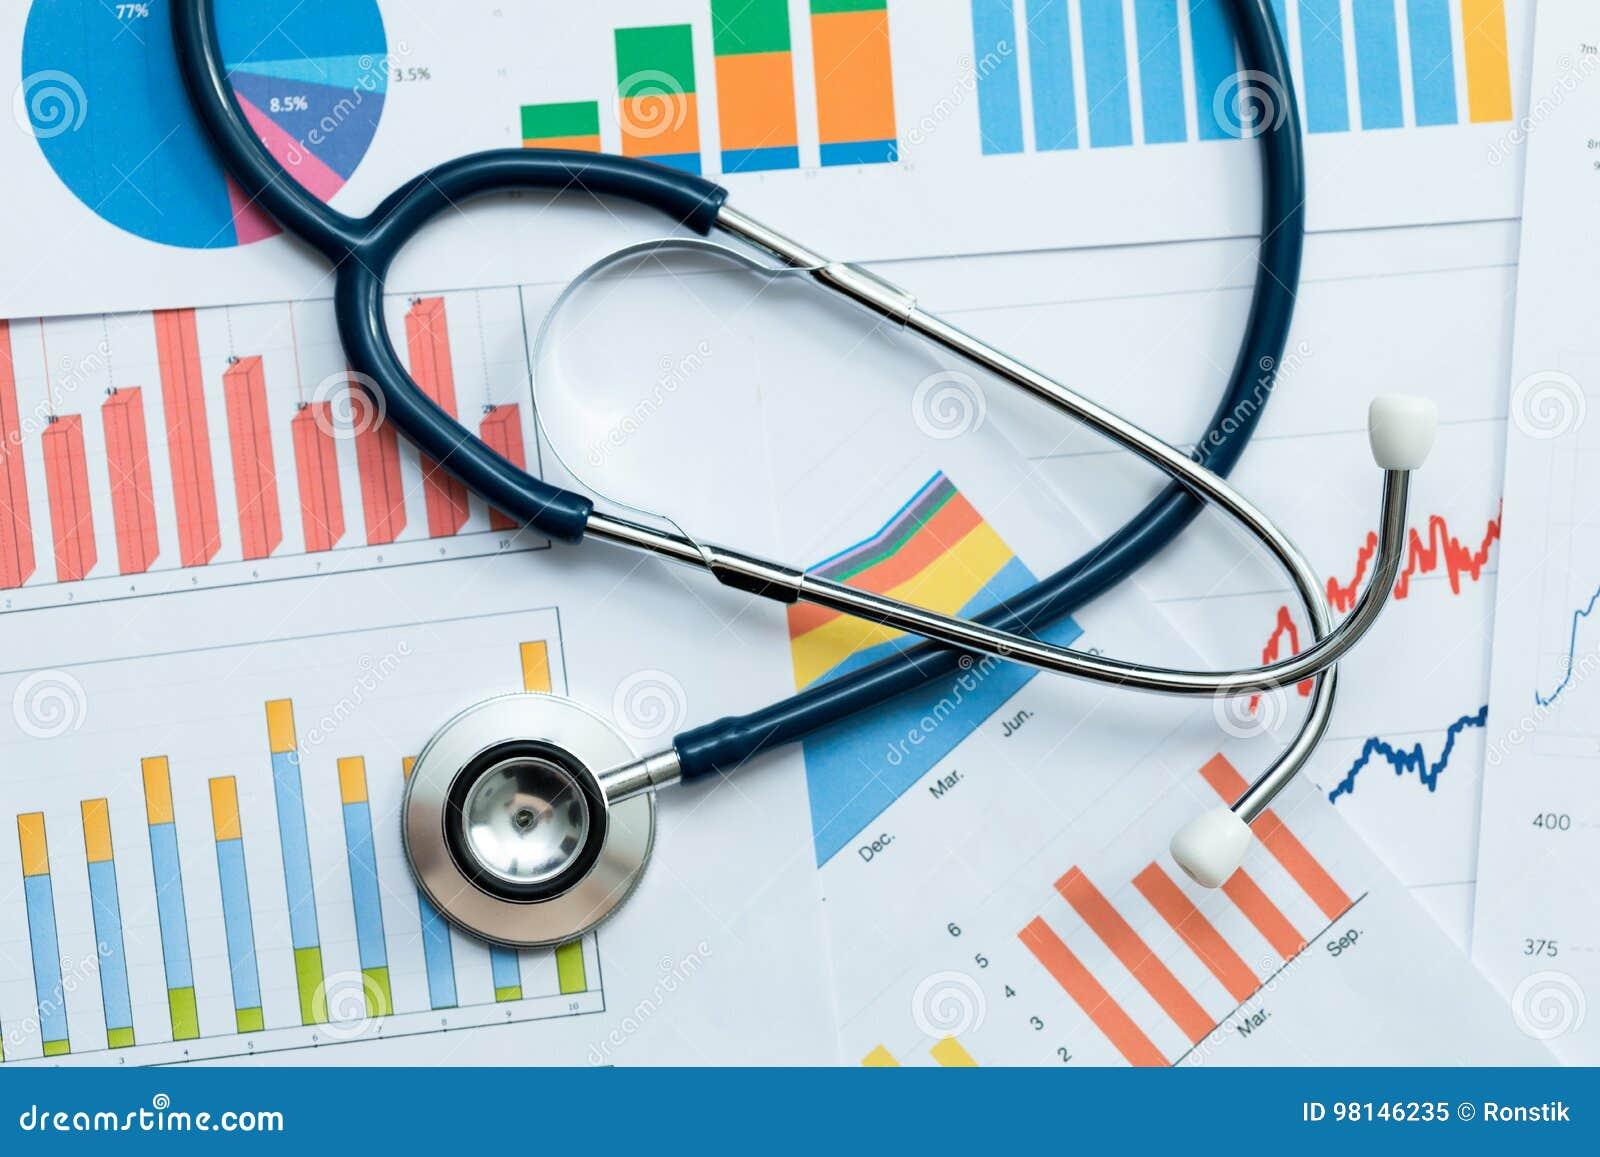 Стетоскоп на stats здравоохранения и диаграммах финансового анализа